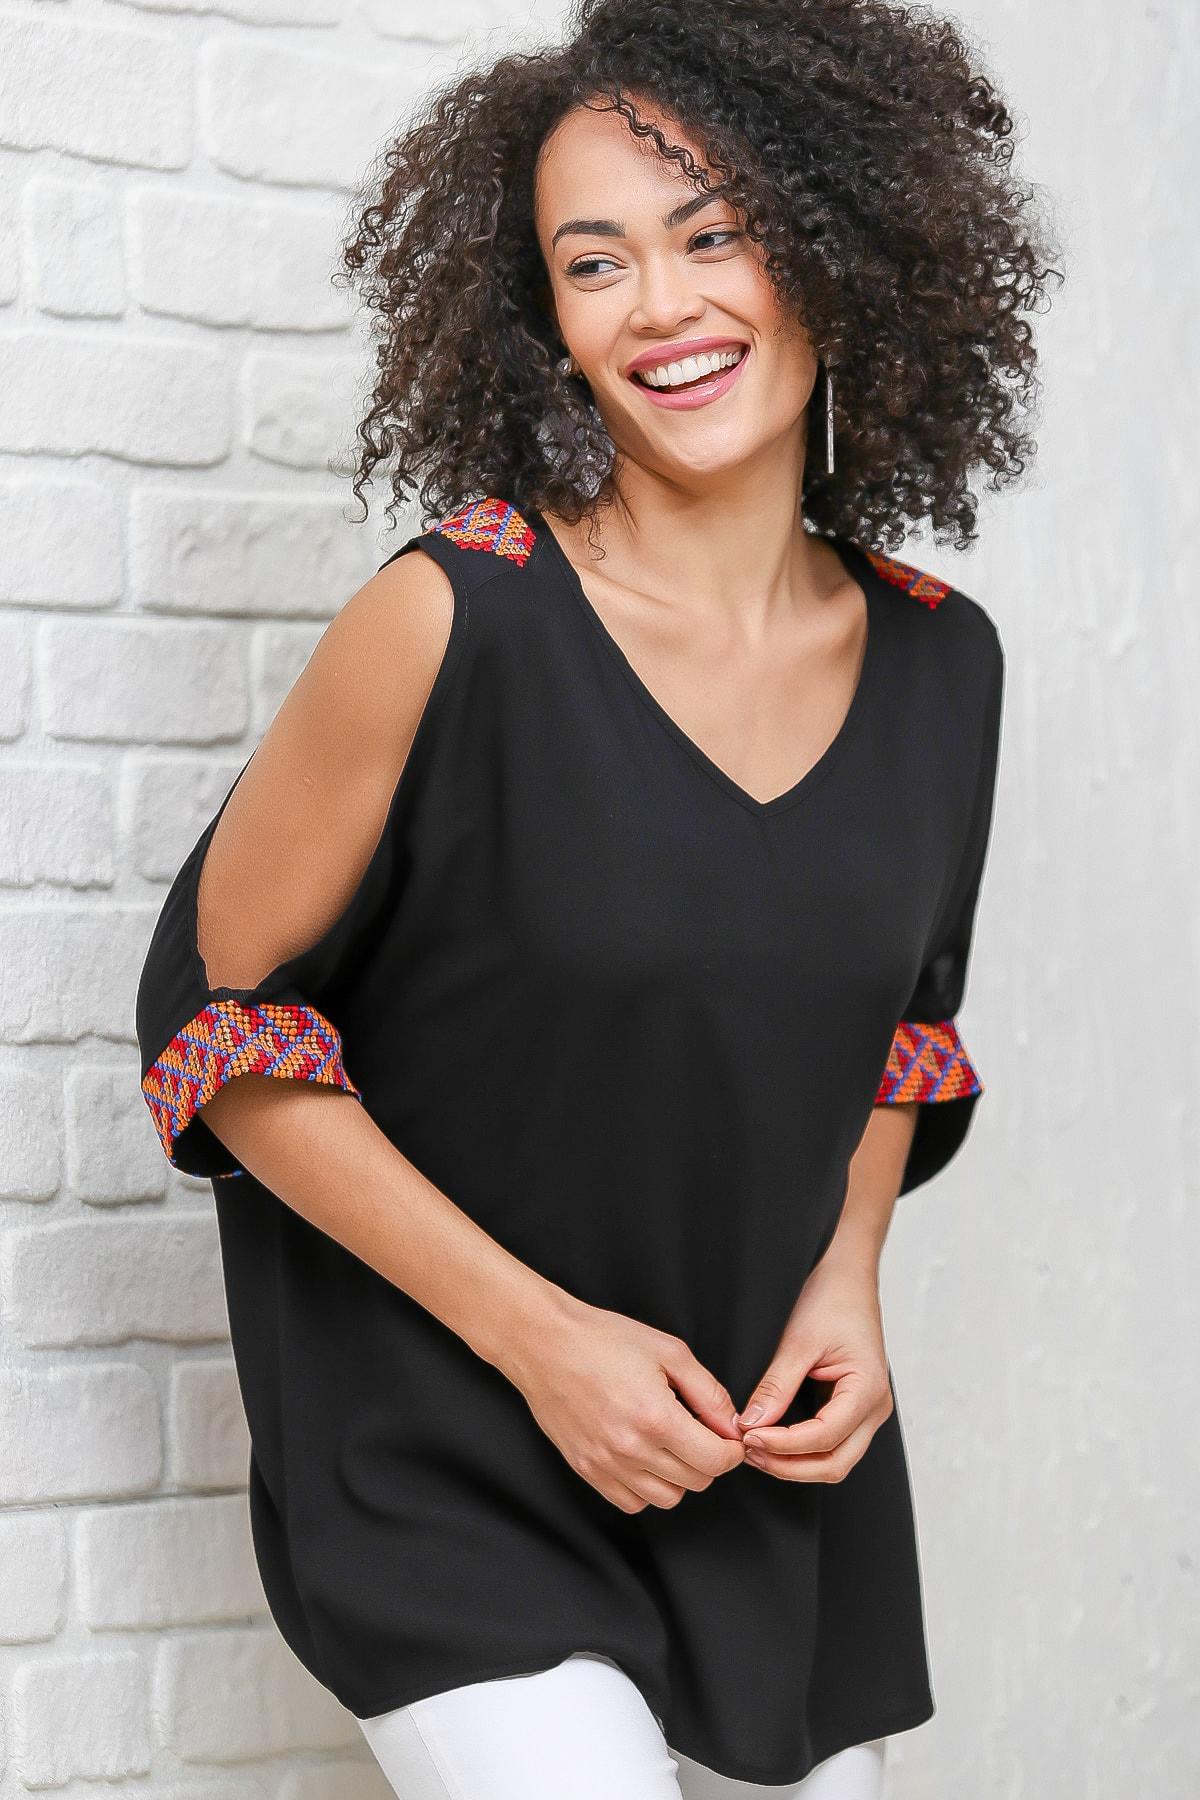 Chiccy Kadın Siyah Retro Kanaviçe Nakış Detaylı Omuzları Pencereli Bluz M10010200BL96359